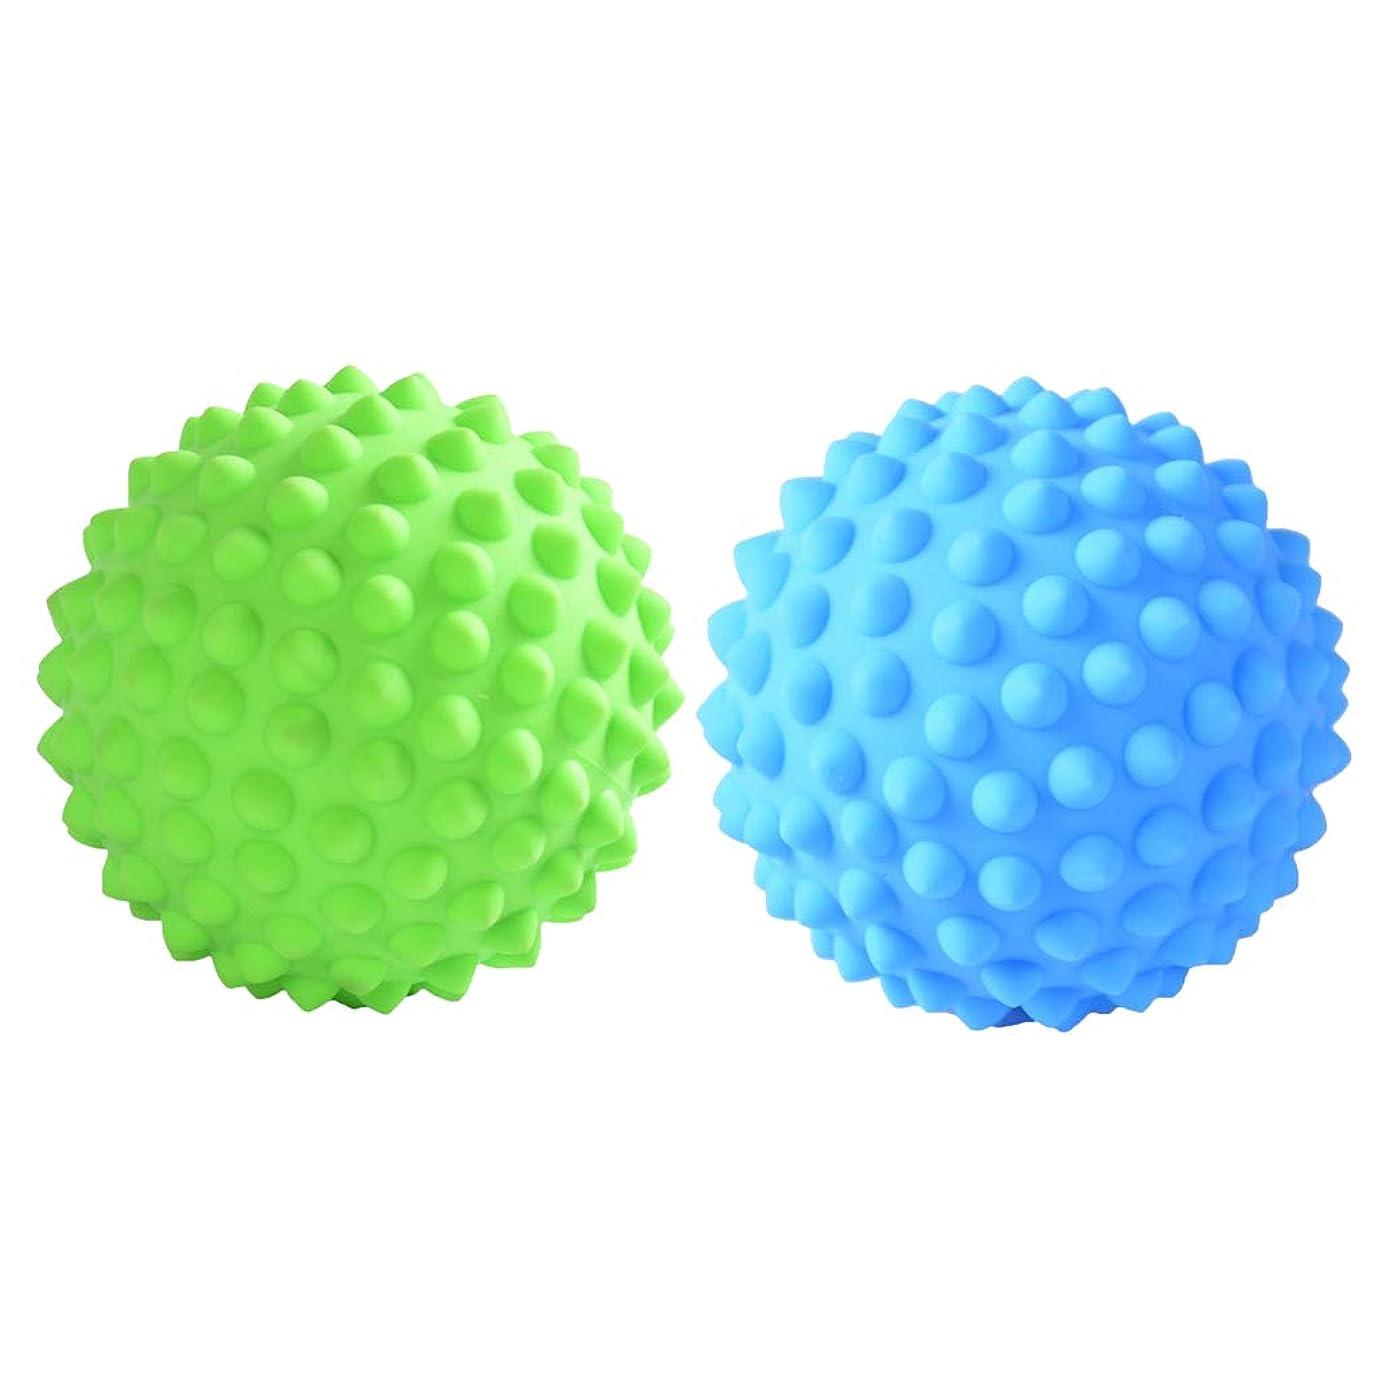 適用済み美的かろうじてマッサージローラーボール 指圧ボール PVC トリガーポイント 筋膜 疲労軽減 健康的 2個入